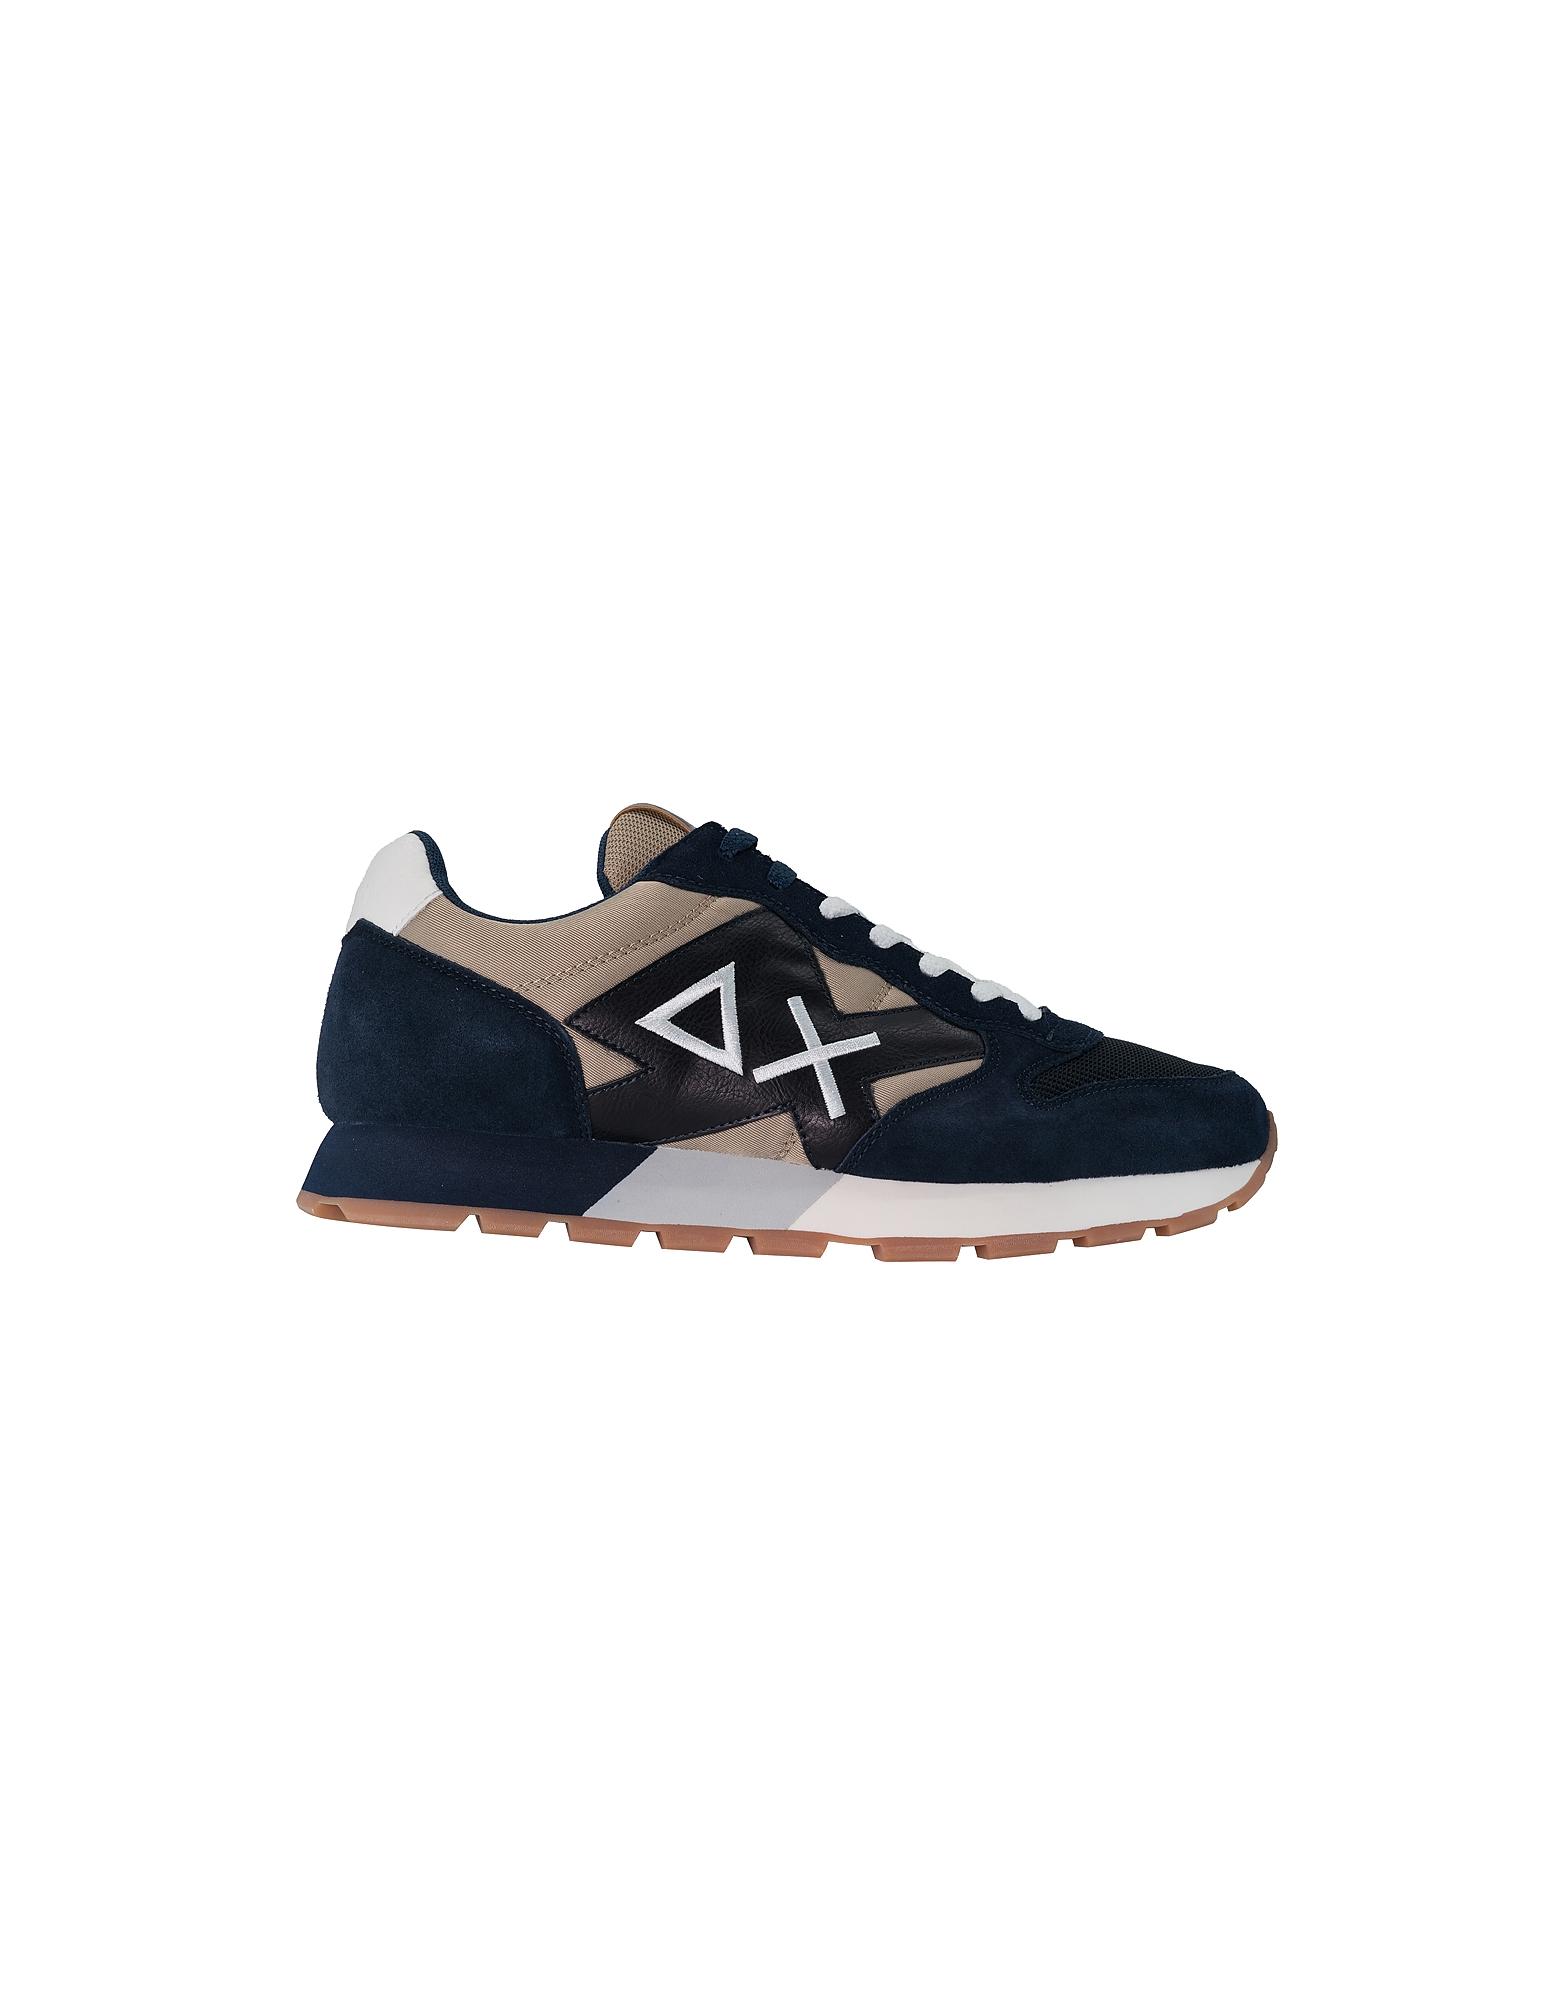 SUN68 Designer Shoes, Men's Blue Shoes